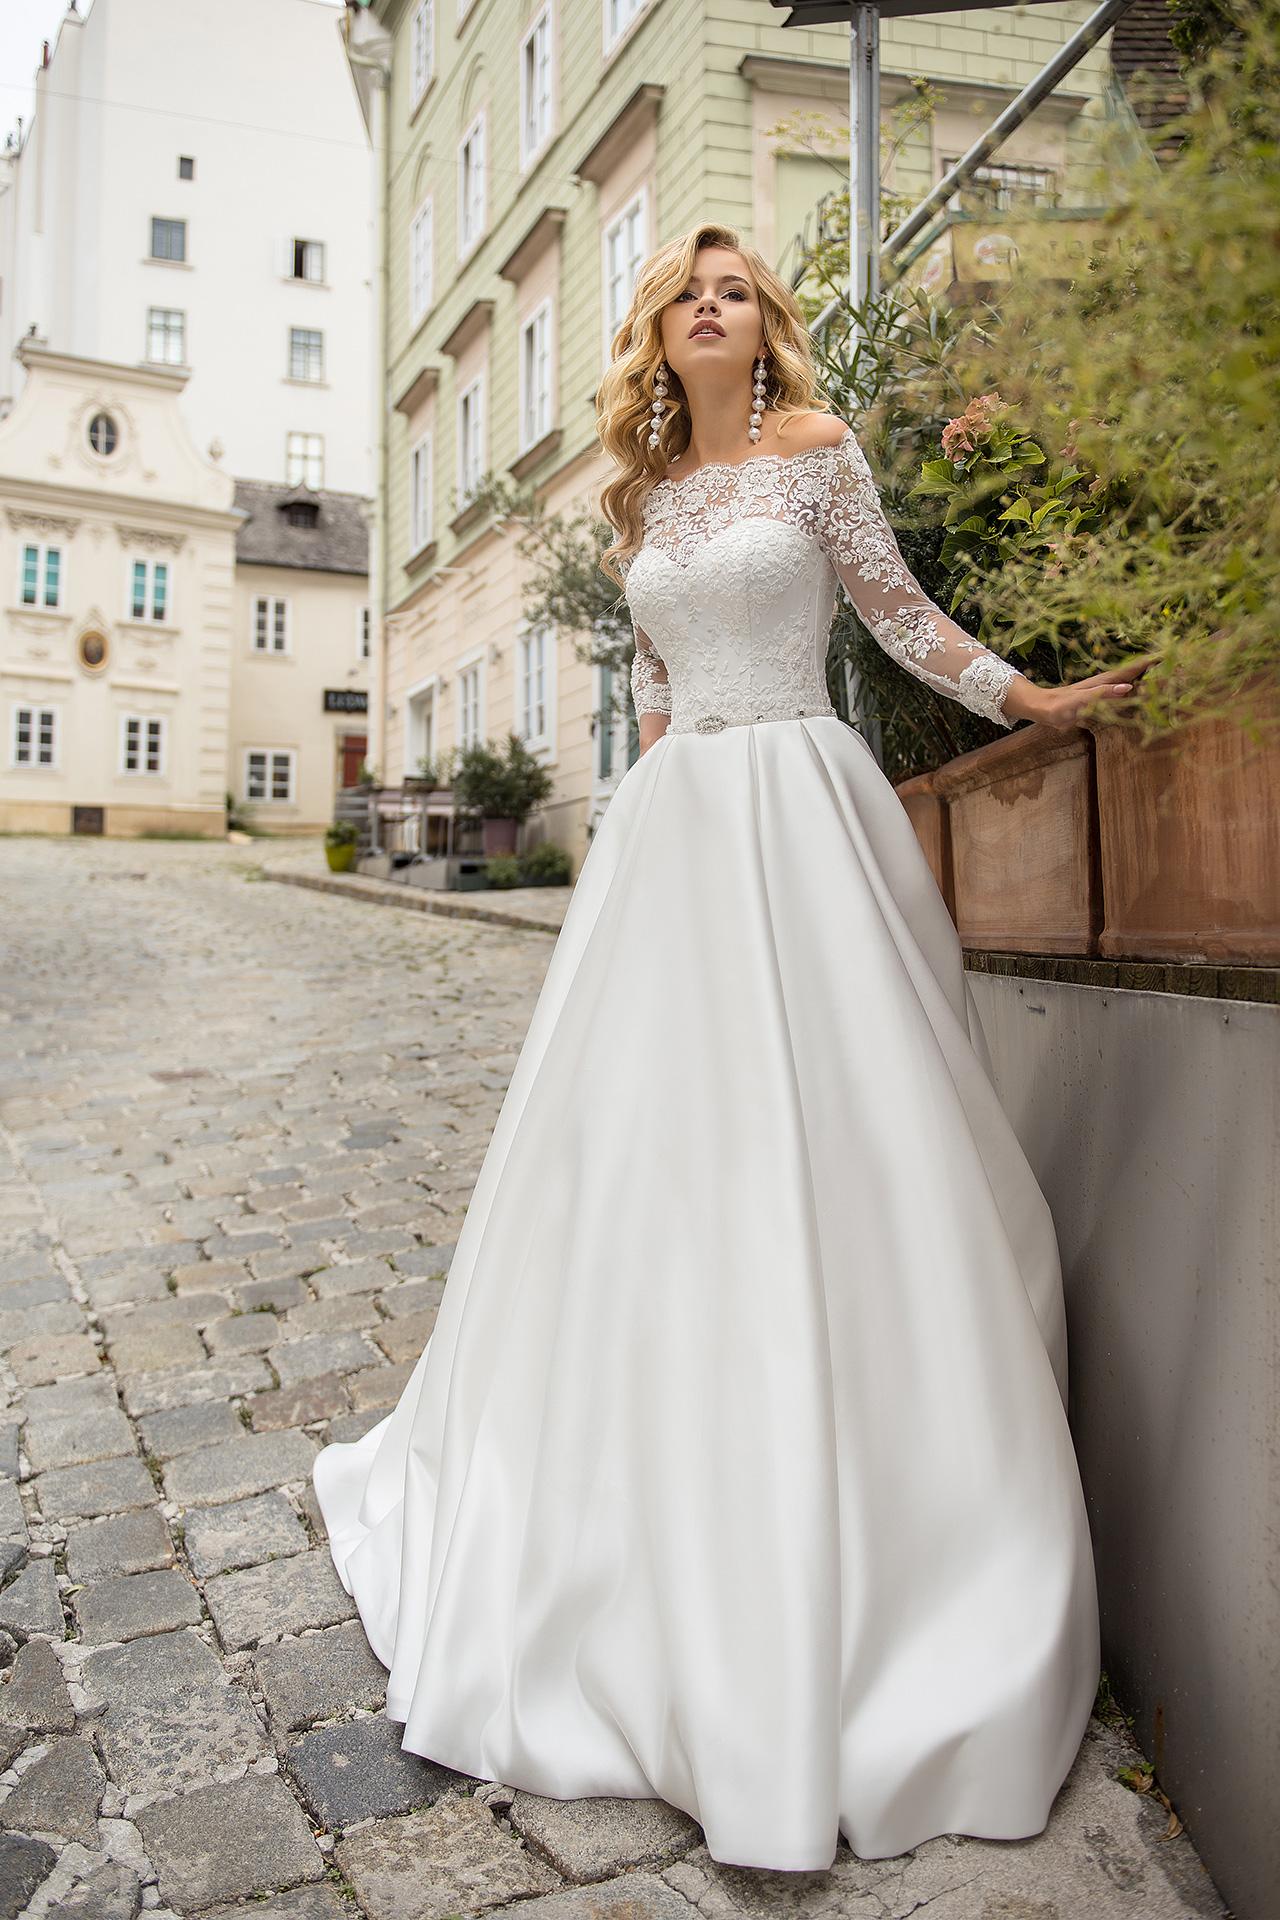 Kaufen Sie ein Hochzeitskleid Nina - Die originelle Kombination